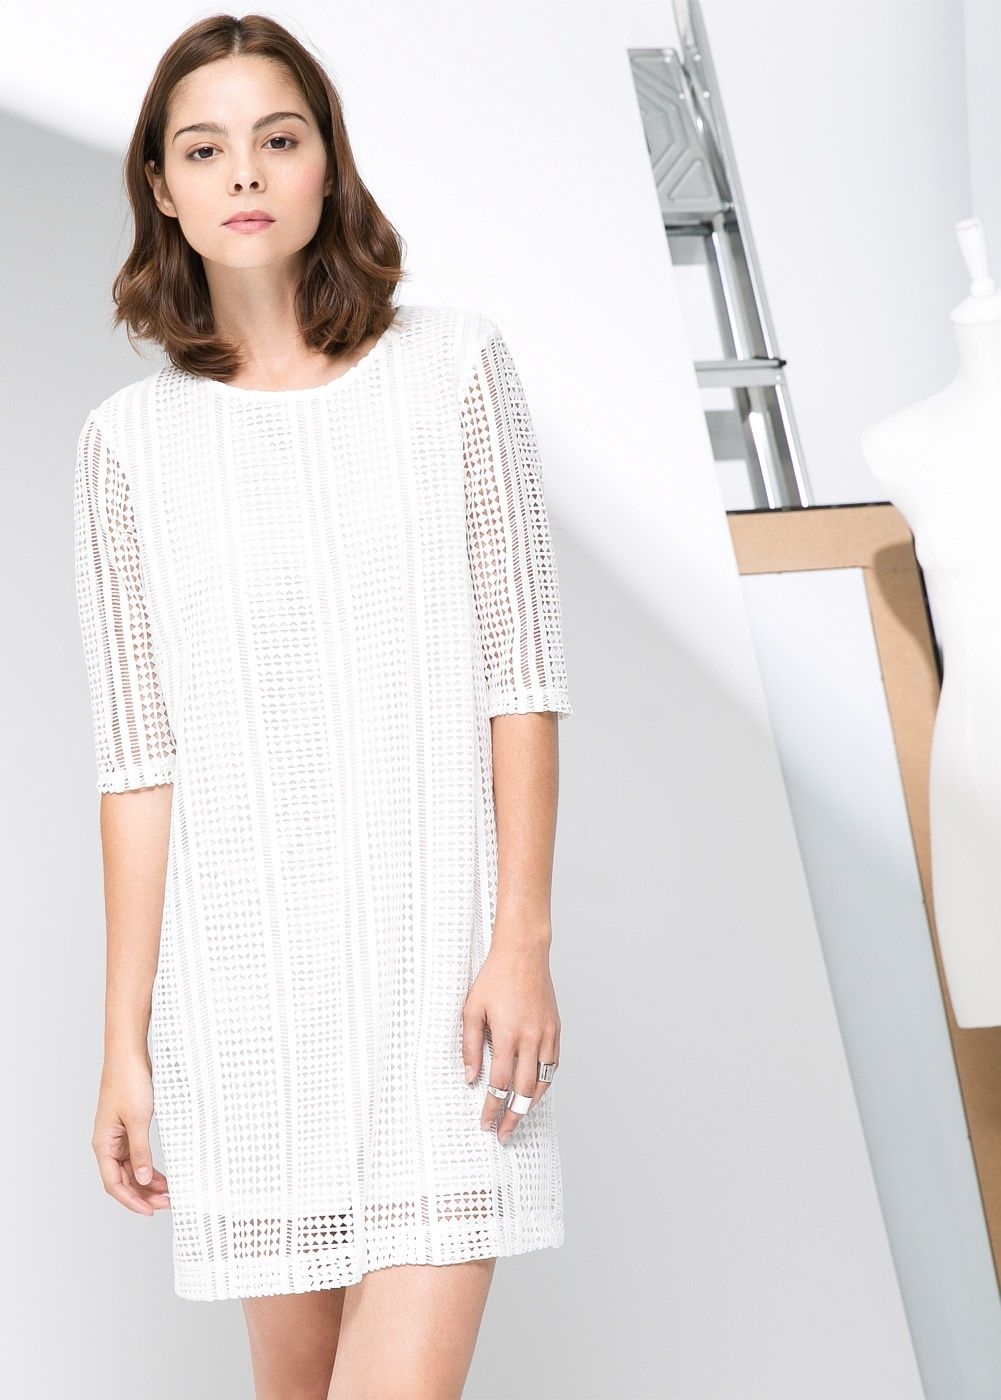 Rhombus openwork dress - Woman   Tia   Pinterest ab06de6fe4